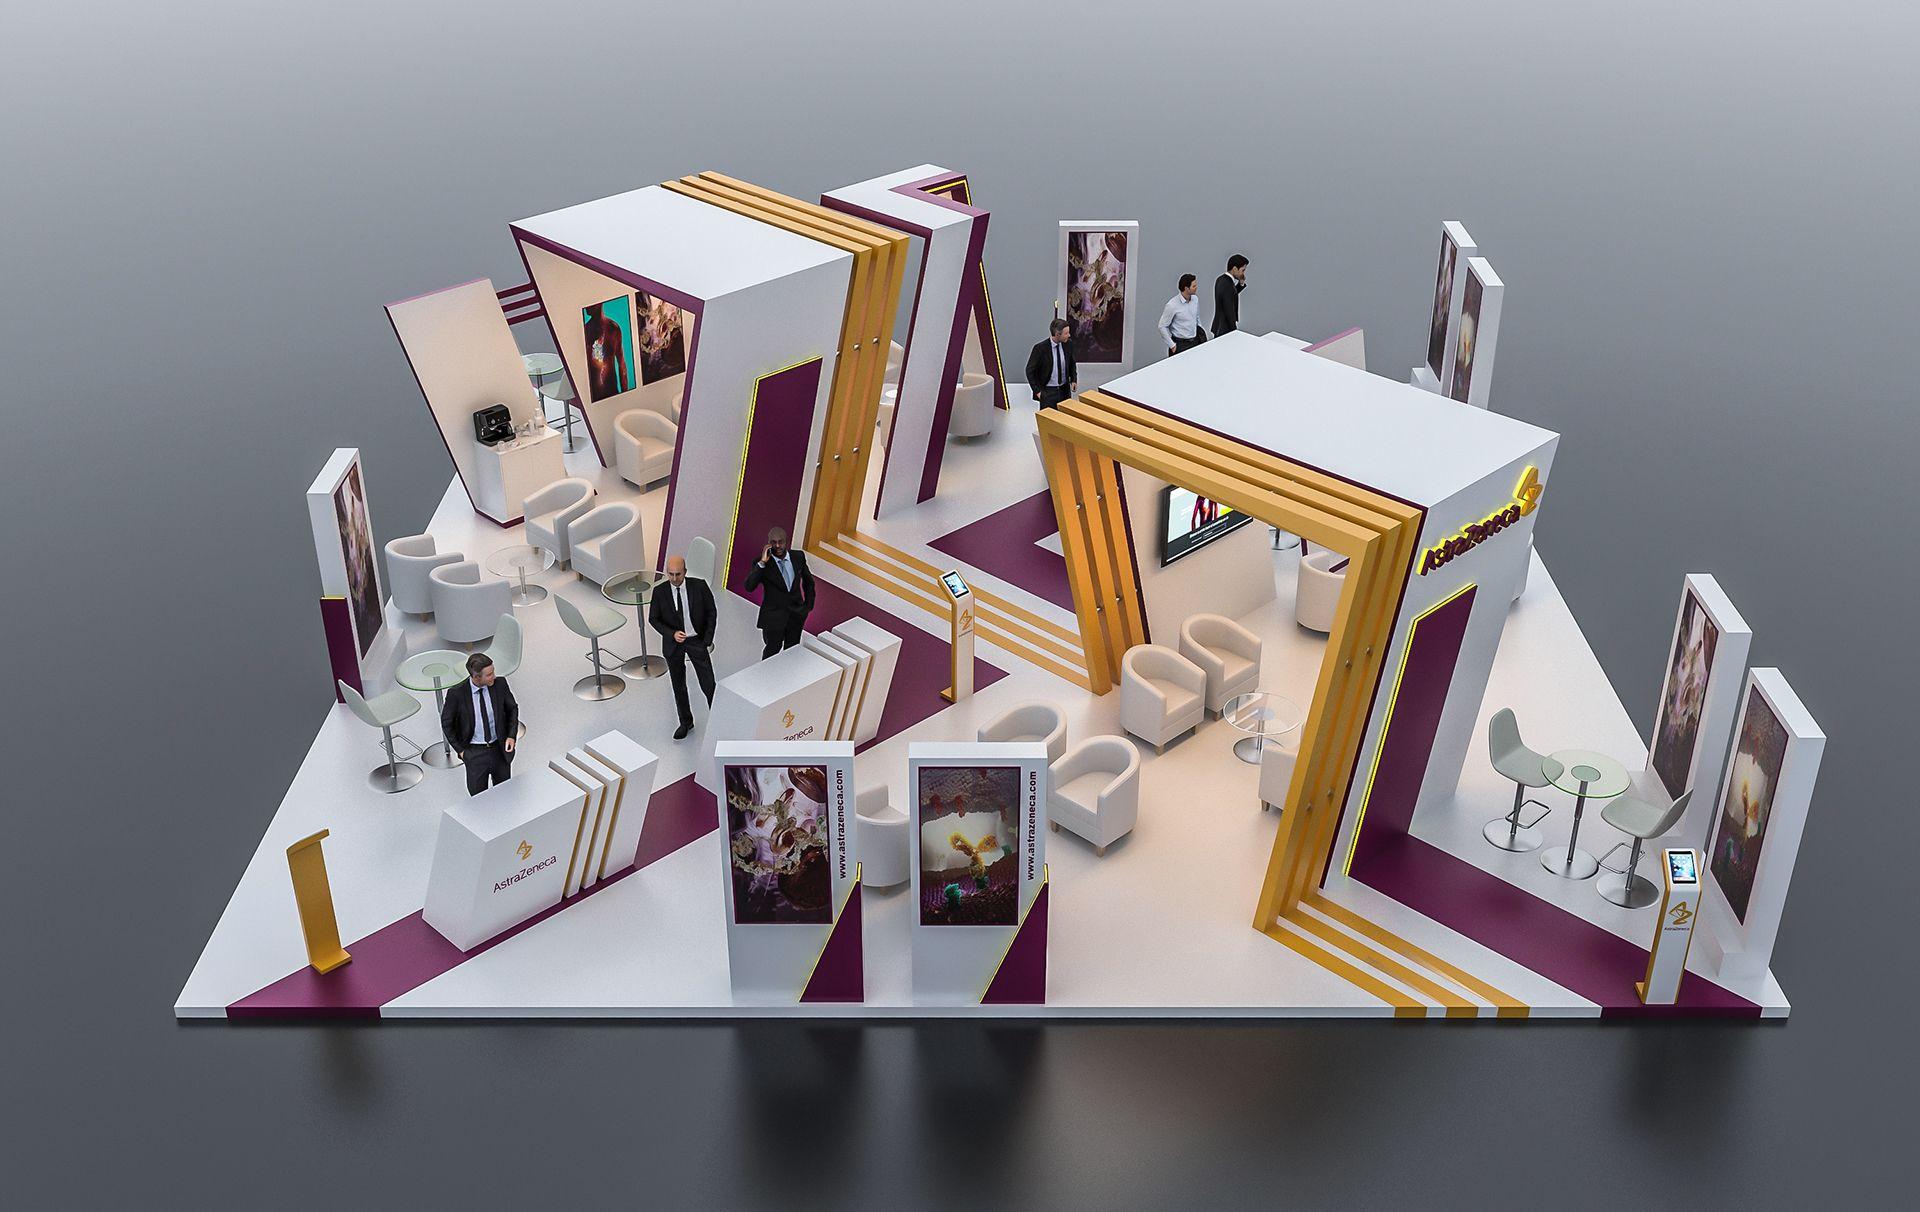 Astrazeneca Exhibition Booth Dubai On Behance Exhibition Booth Exhibition Exhibition Stand